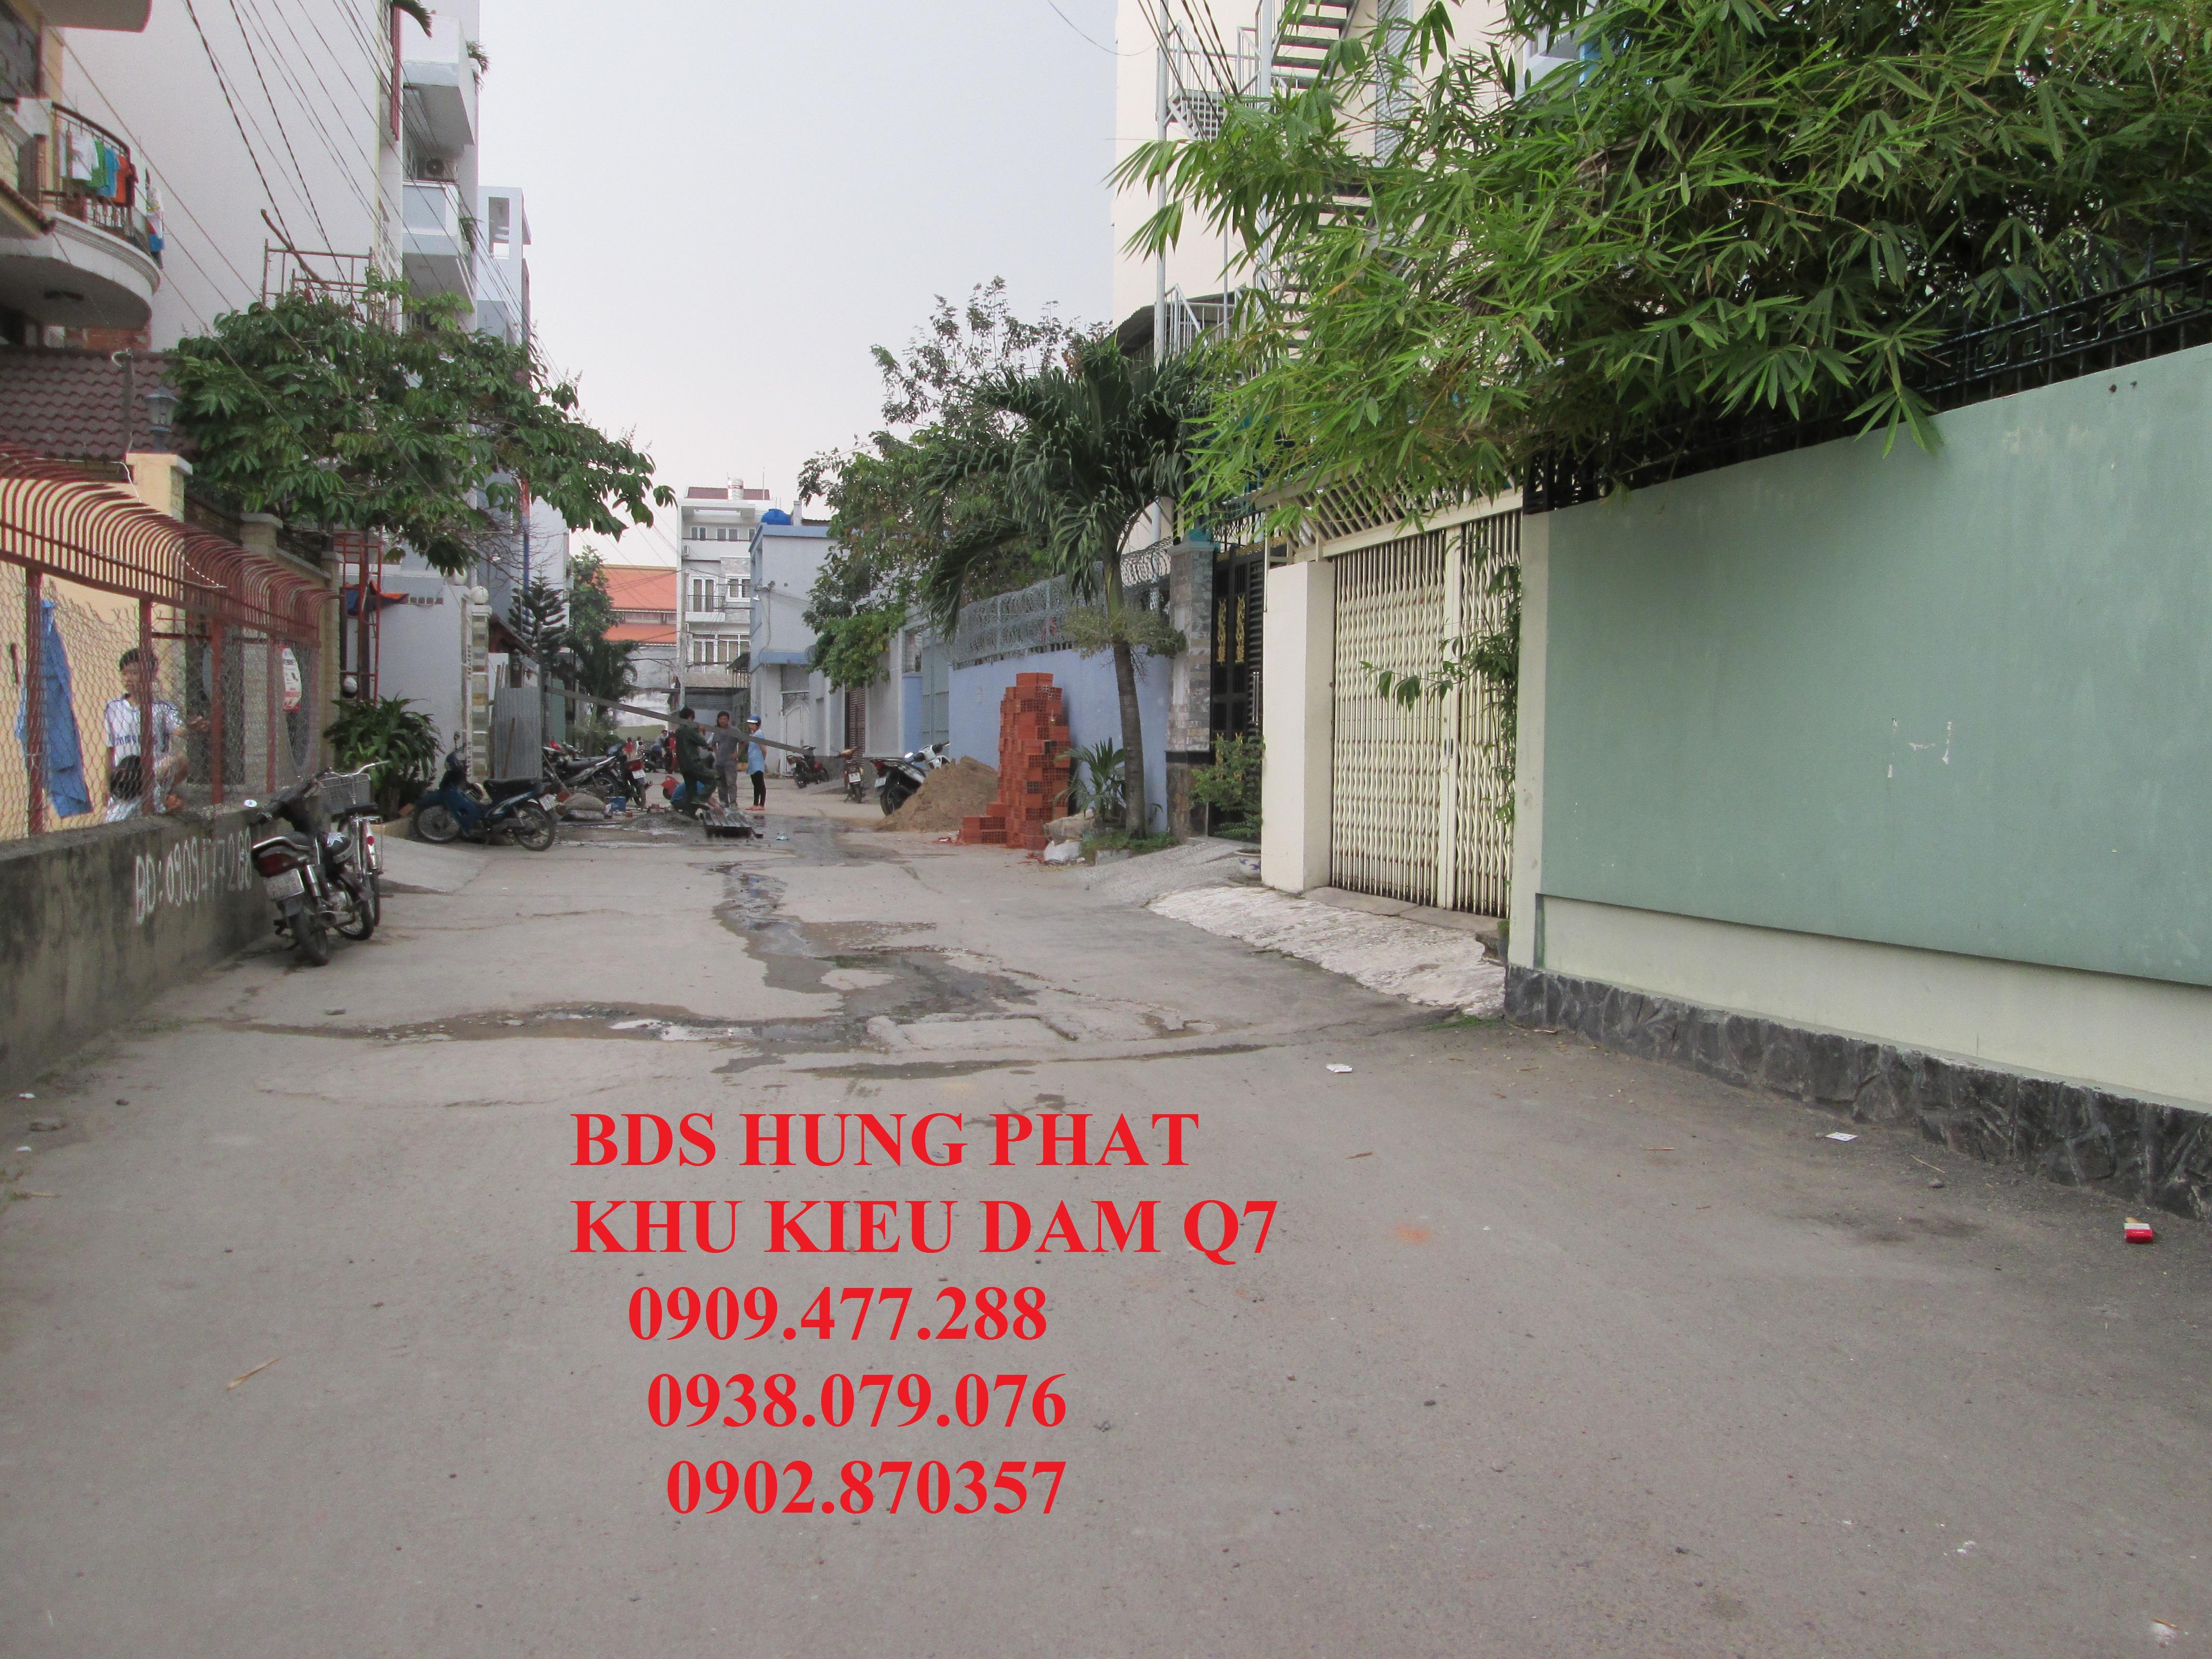 Bán nhà 793/28 khu Kiều Đàm, P.Tân Hưng, Q.7, DT 3,1mx9m, nhà 1 trệt và 1 lầu